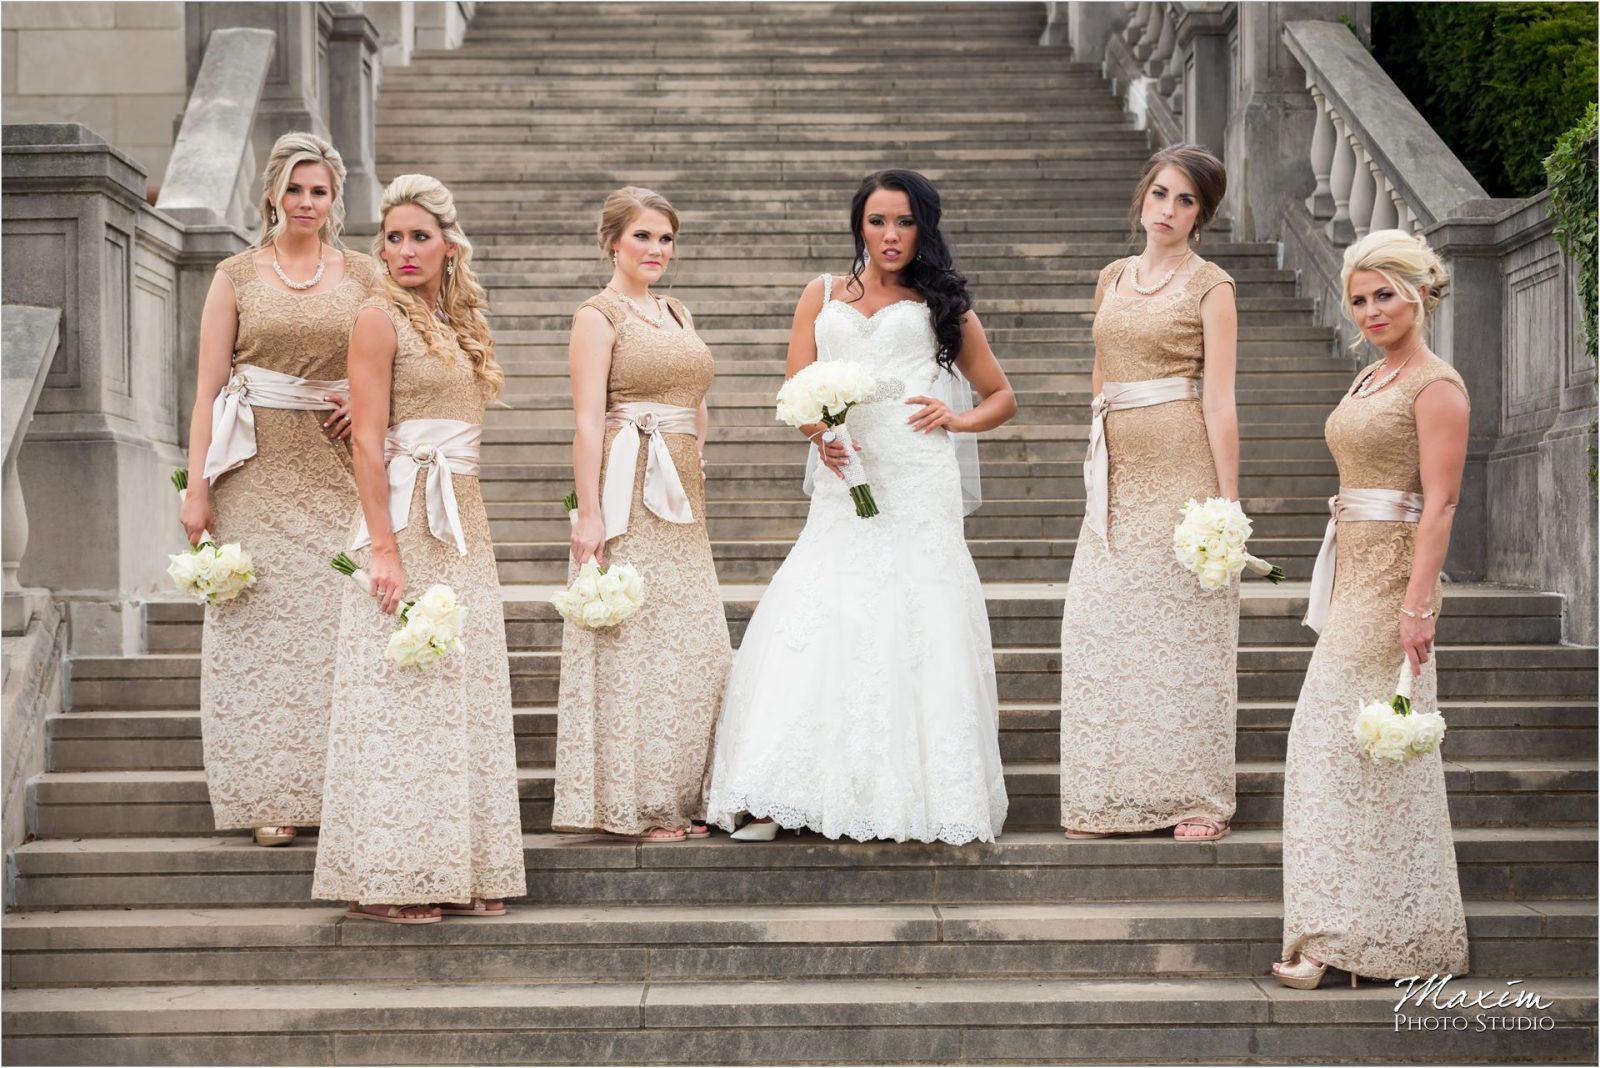 Ault Park Cincinnati Bride Bridesmaids Pavilion steps